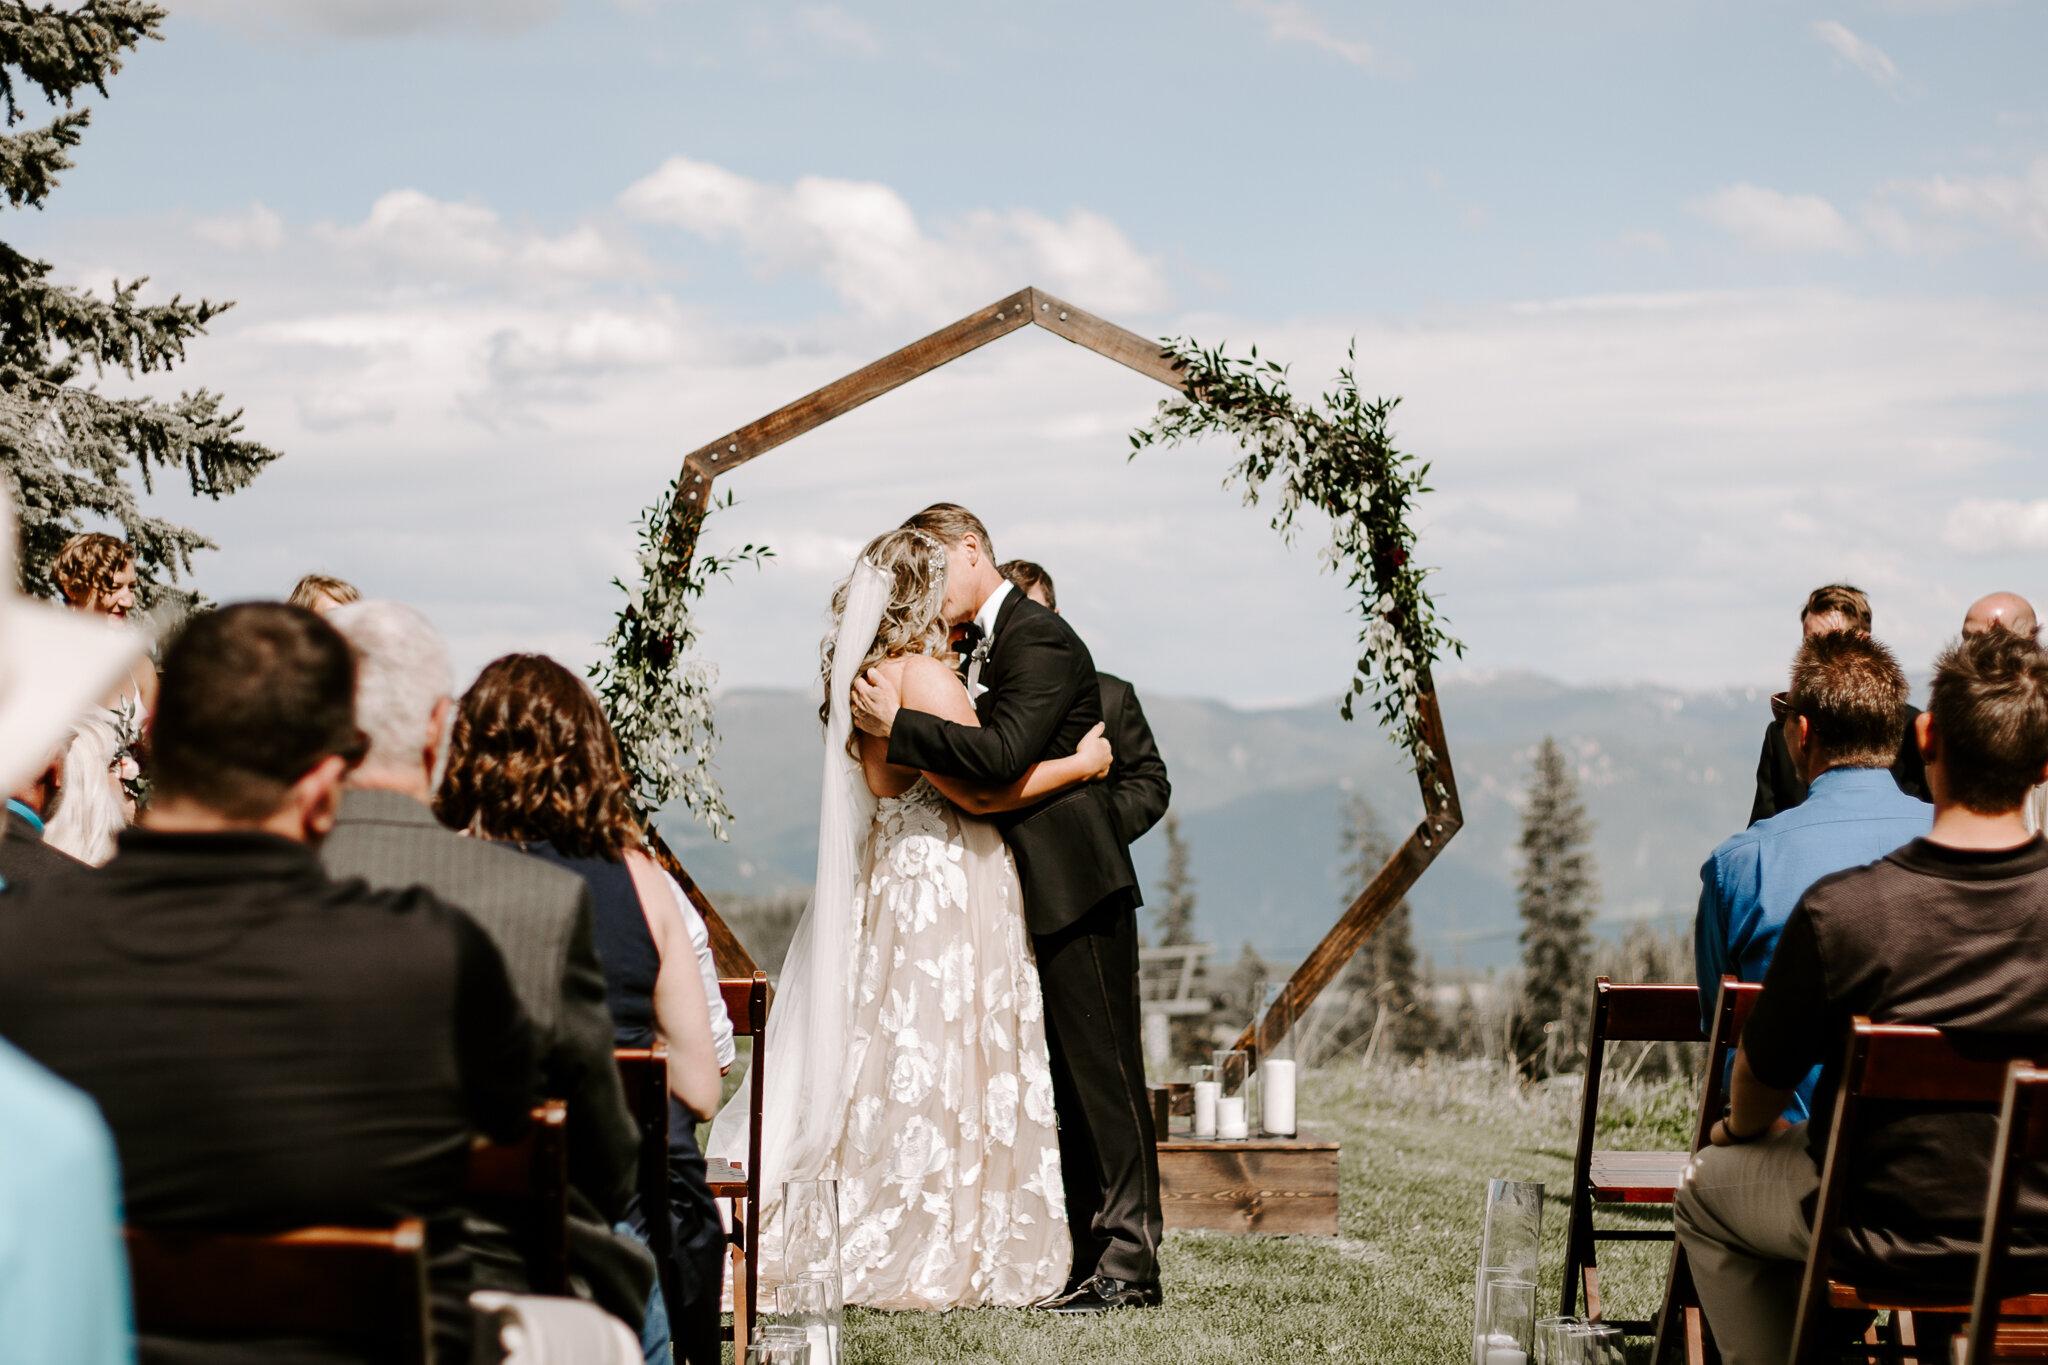 Sean & Lillian Wed | KATIEWILKECO (440 of 650).jpg